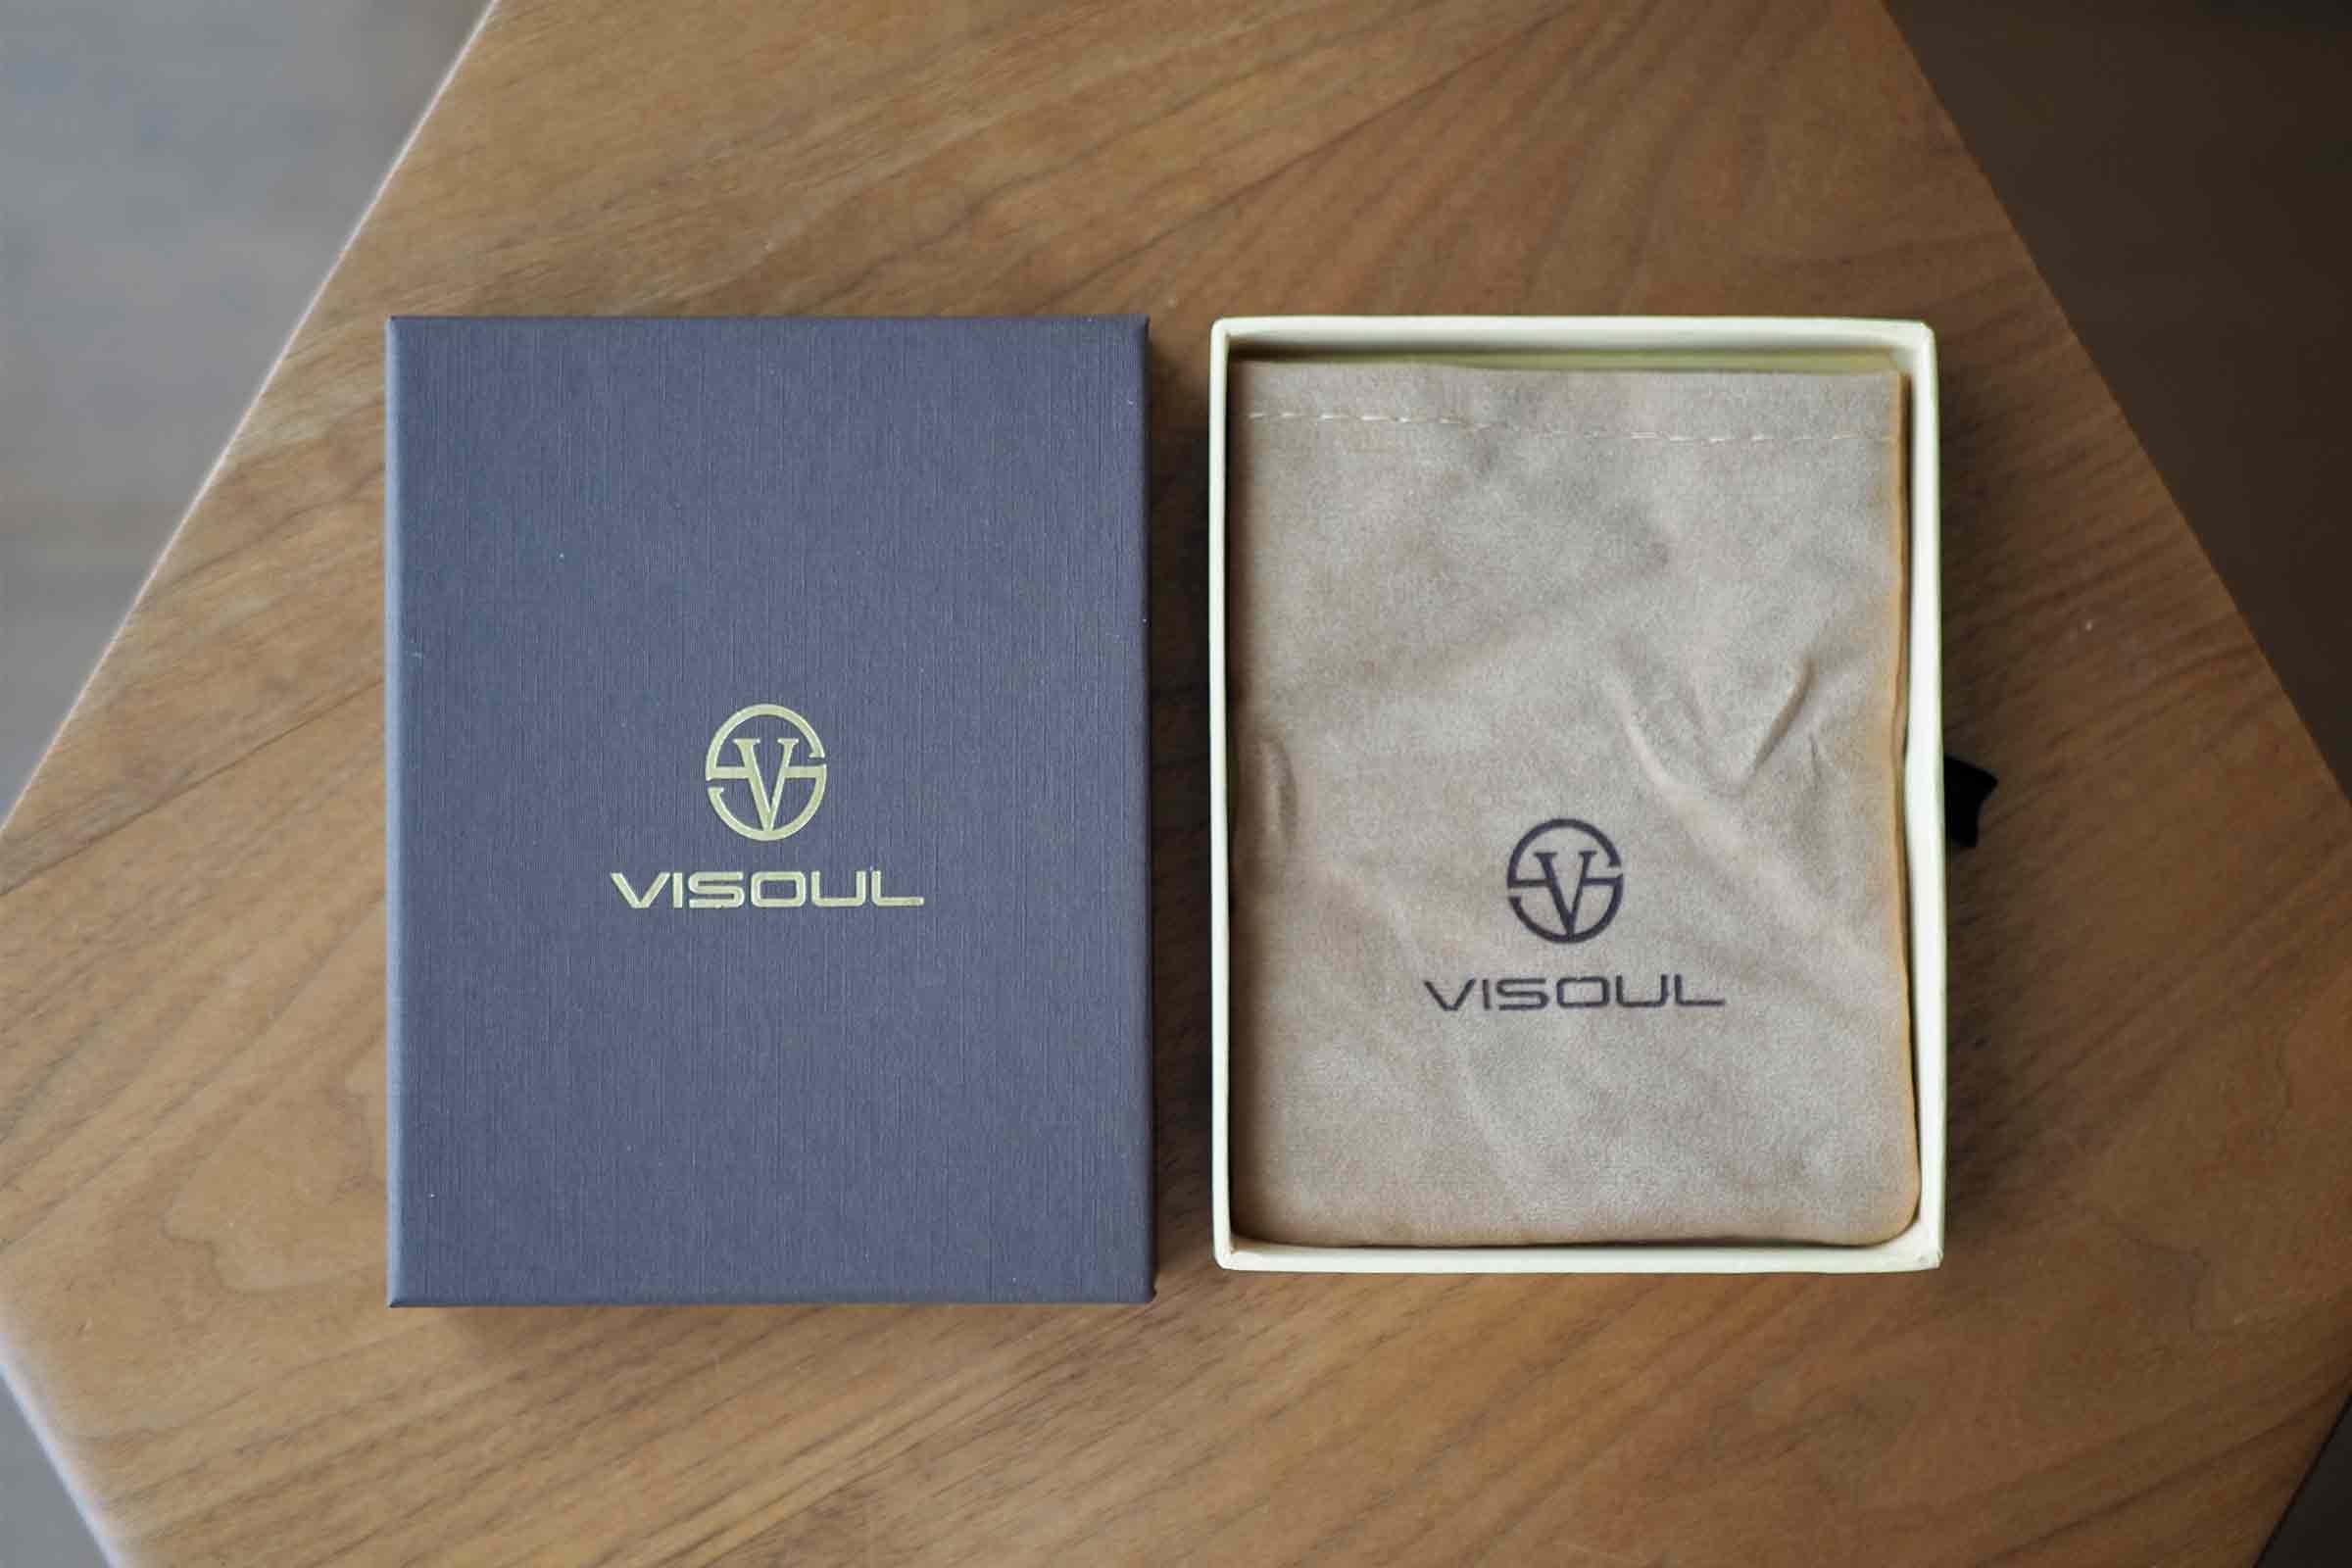 カードケース,VISOUL,小さい,薄い,安い,コンパクト,本革,牛皮,大人,シンプル